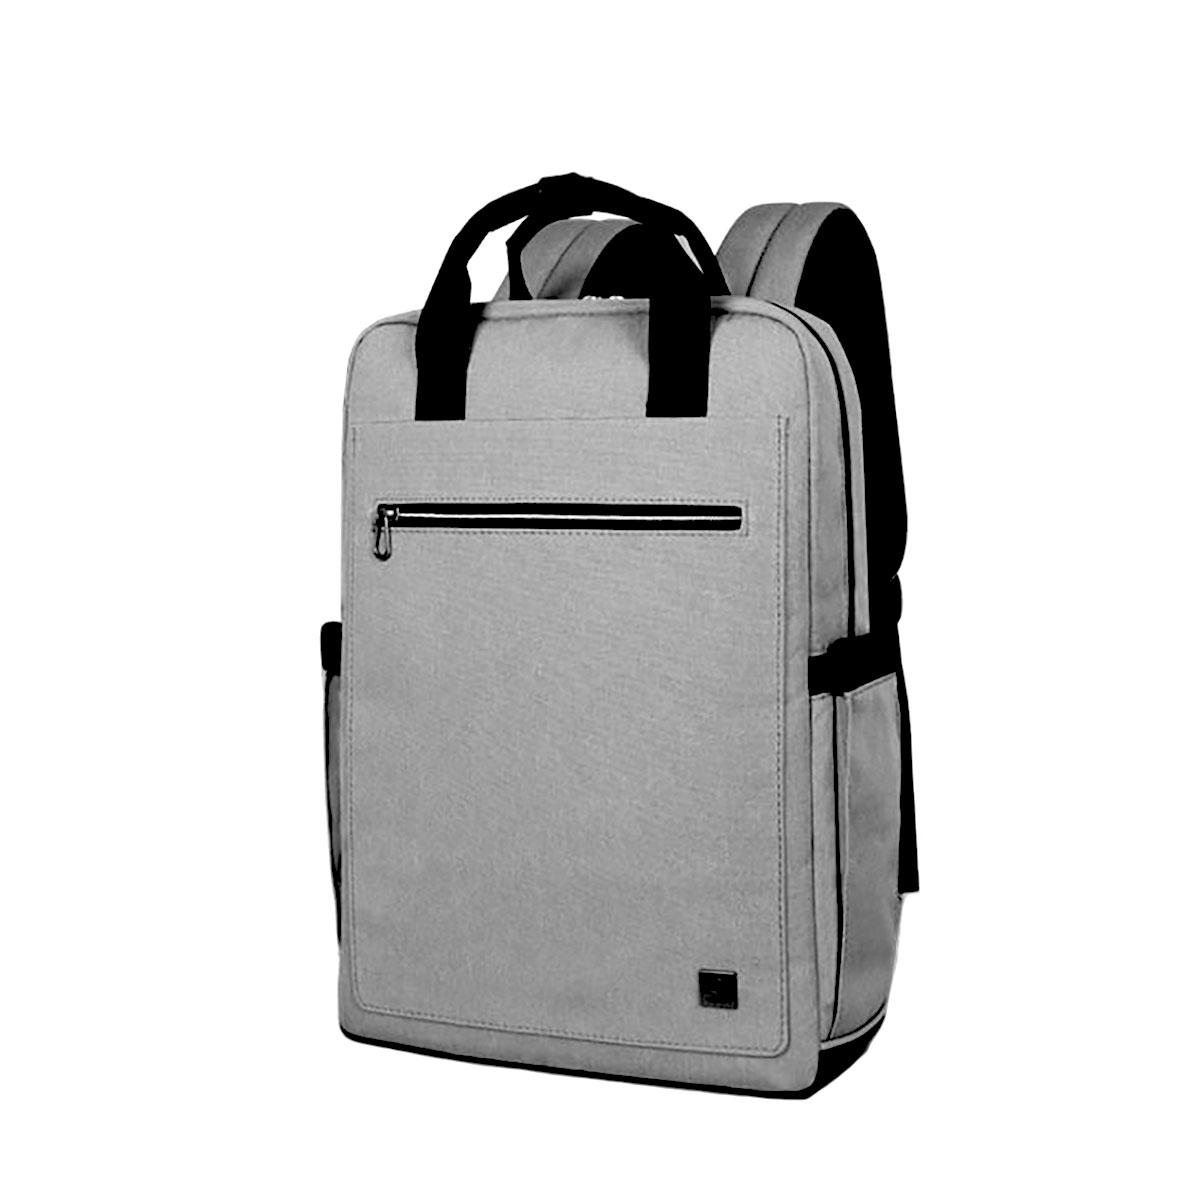 کوله پشتی لپ تاپ  ویوو مدل Pioneer Backpack Pro مناسب برای لپ تاپ 15.6 اینچی